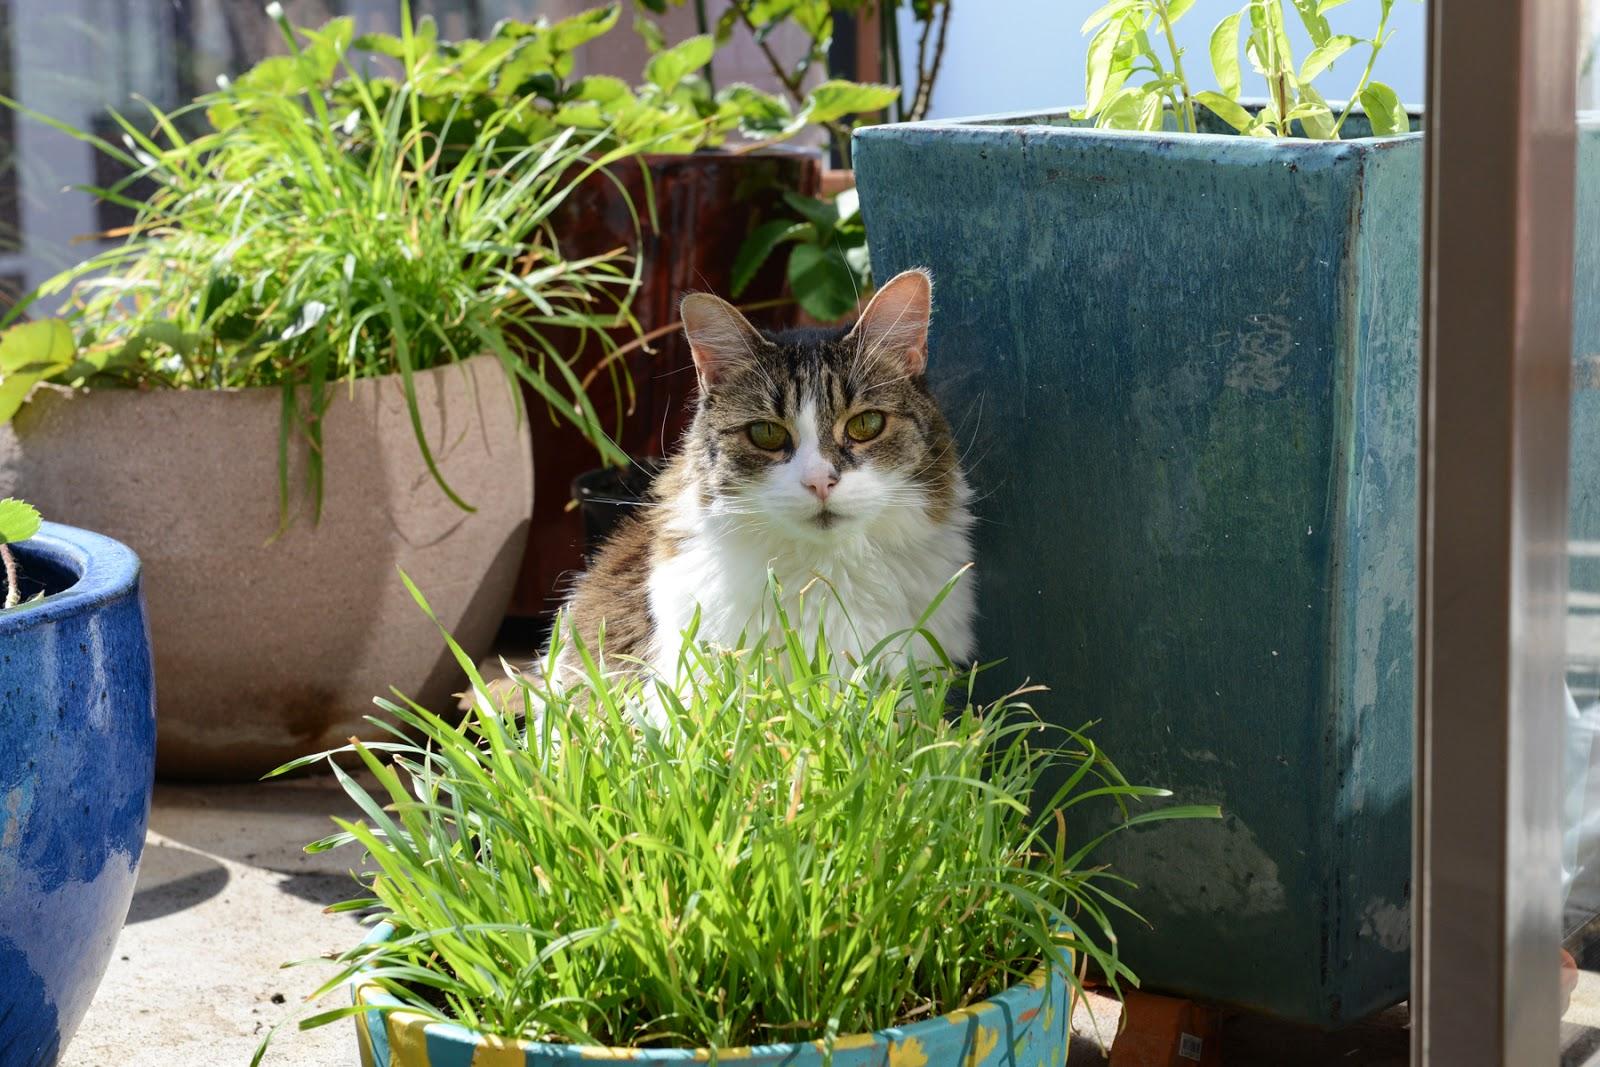 Cat grass cats plants apartment cats